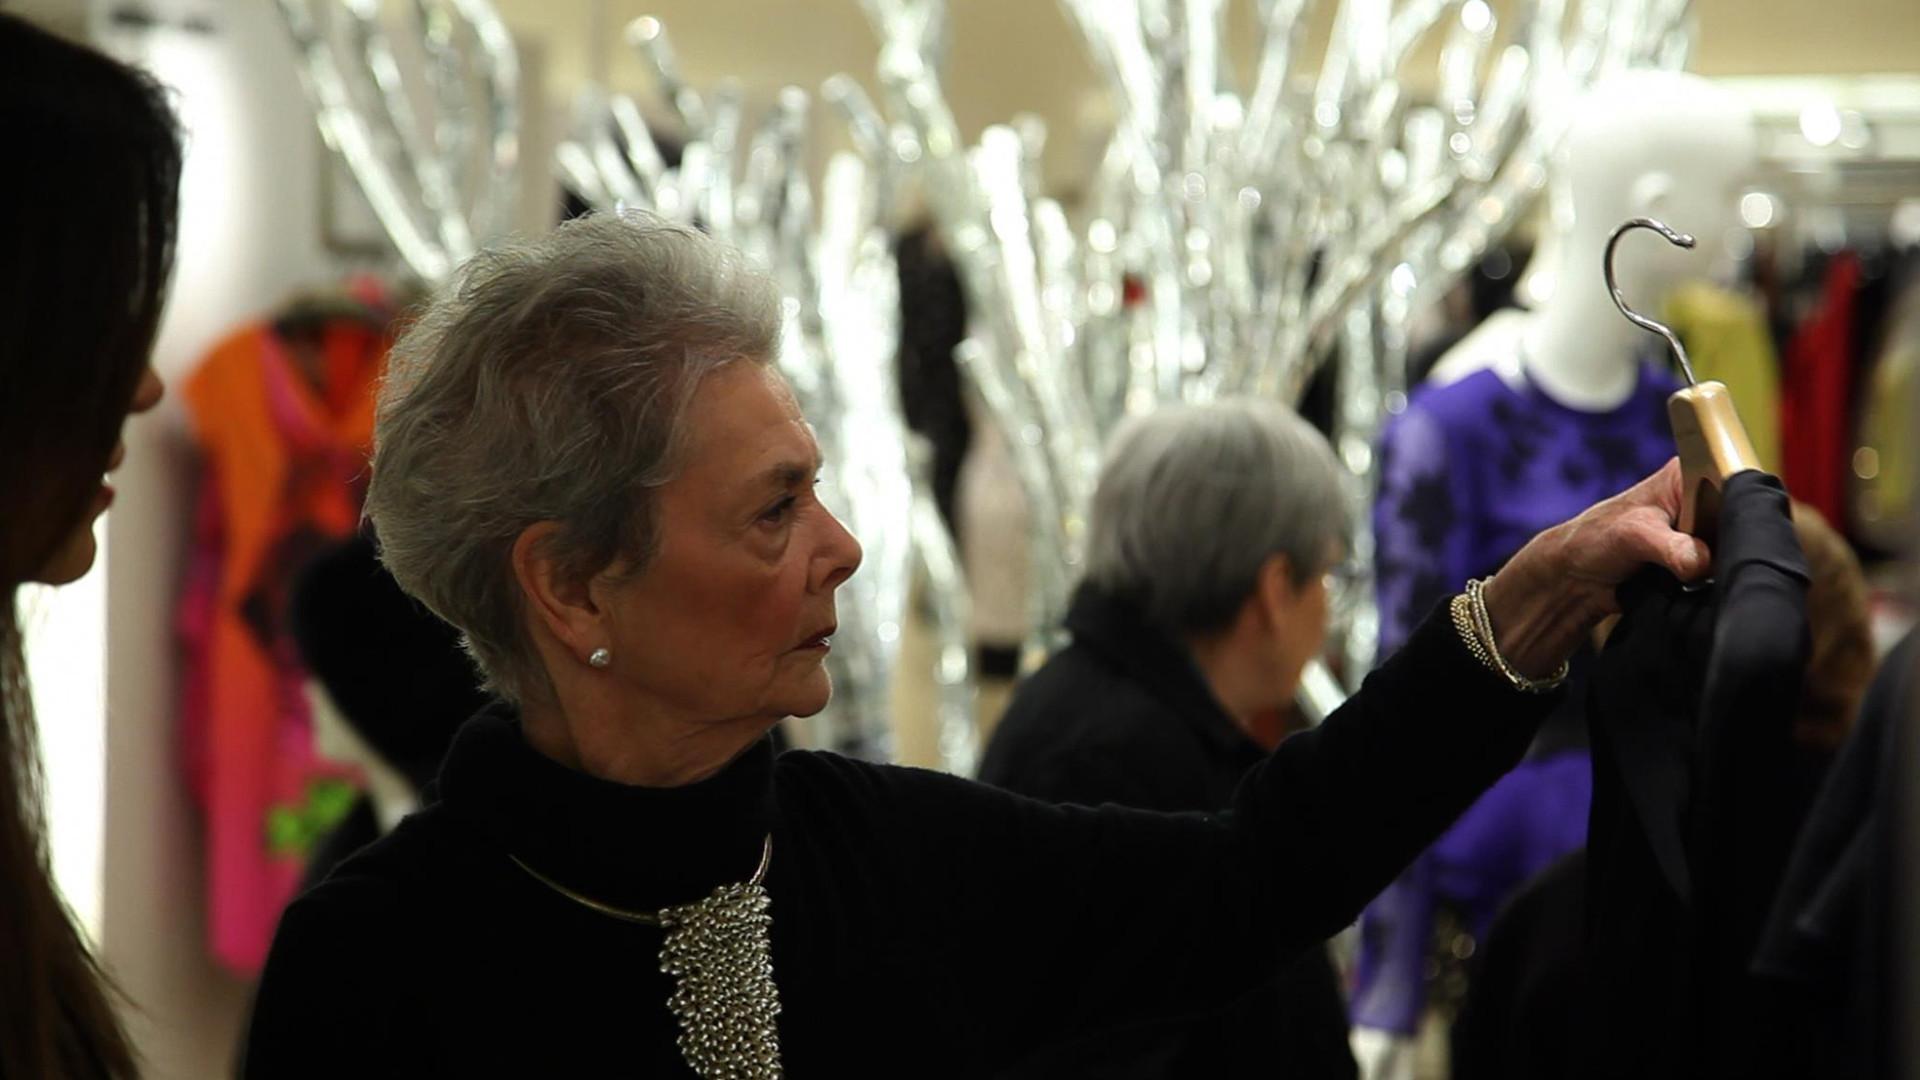 Бергдорф Гудман: Больше века на вершине модного олимпа смотреть фото